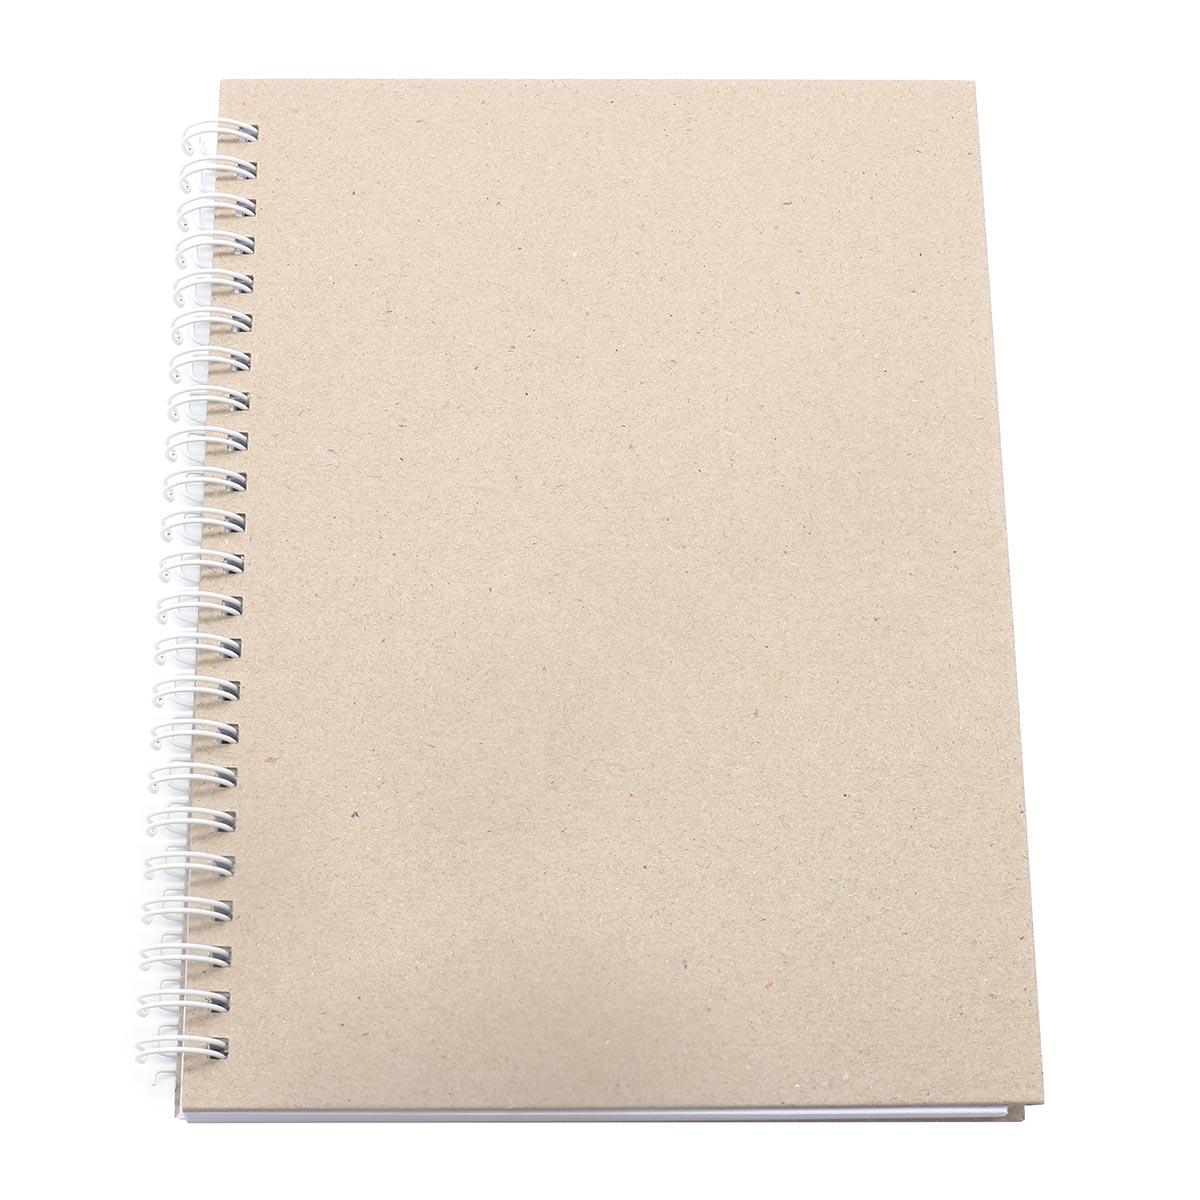 БП001-Б Заготовка для блокнота на белой пружине, А5, 60 листов